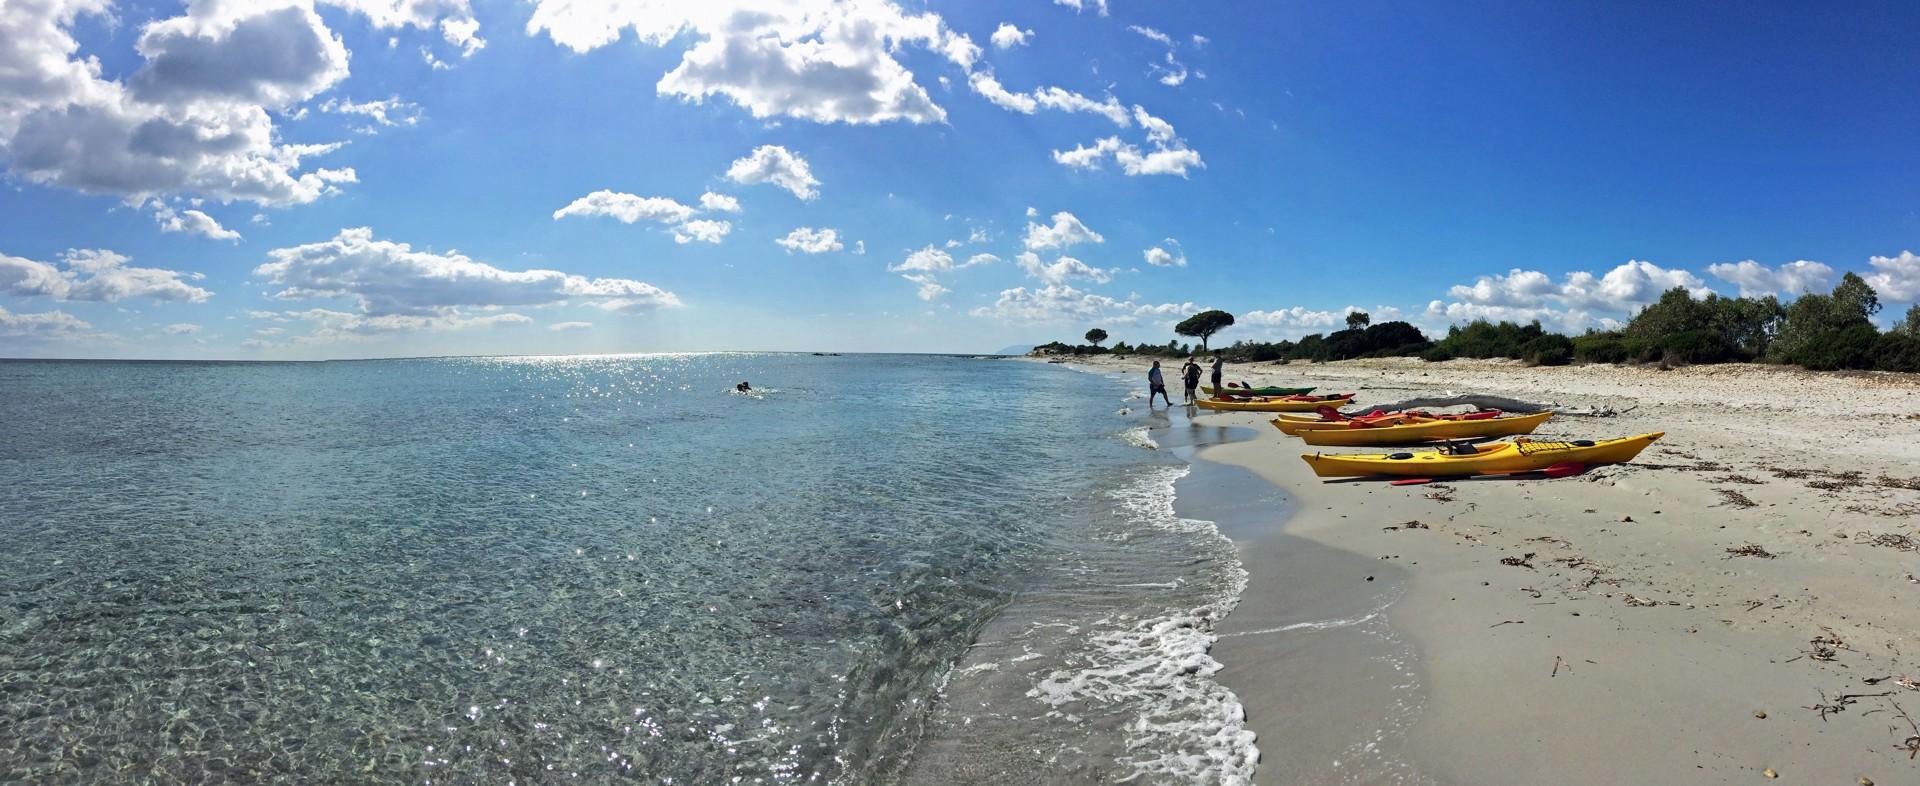 Bidderosa - Sea kayaking panorama.jpg - Sardinia - Wilderness Blue Sea Kayaking - Kayaking